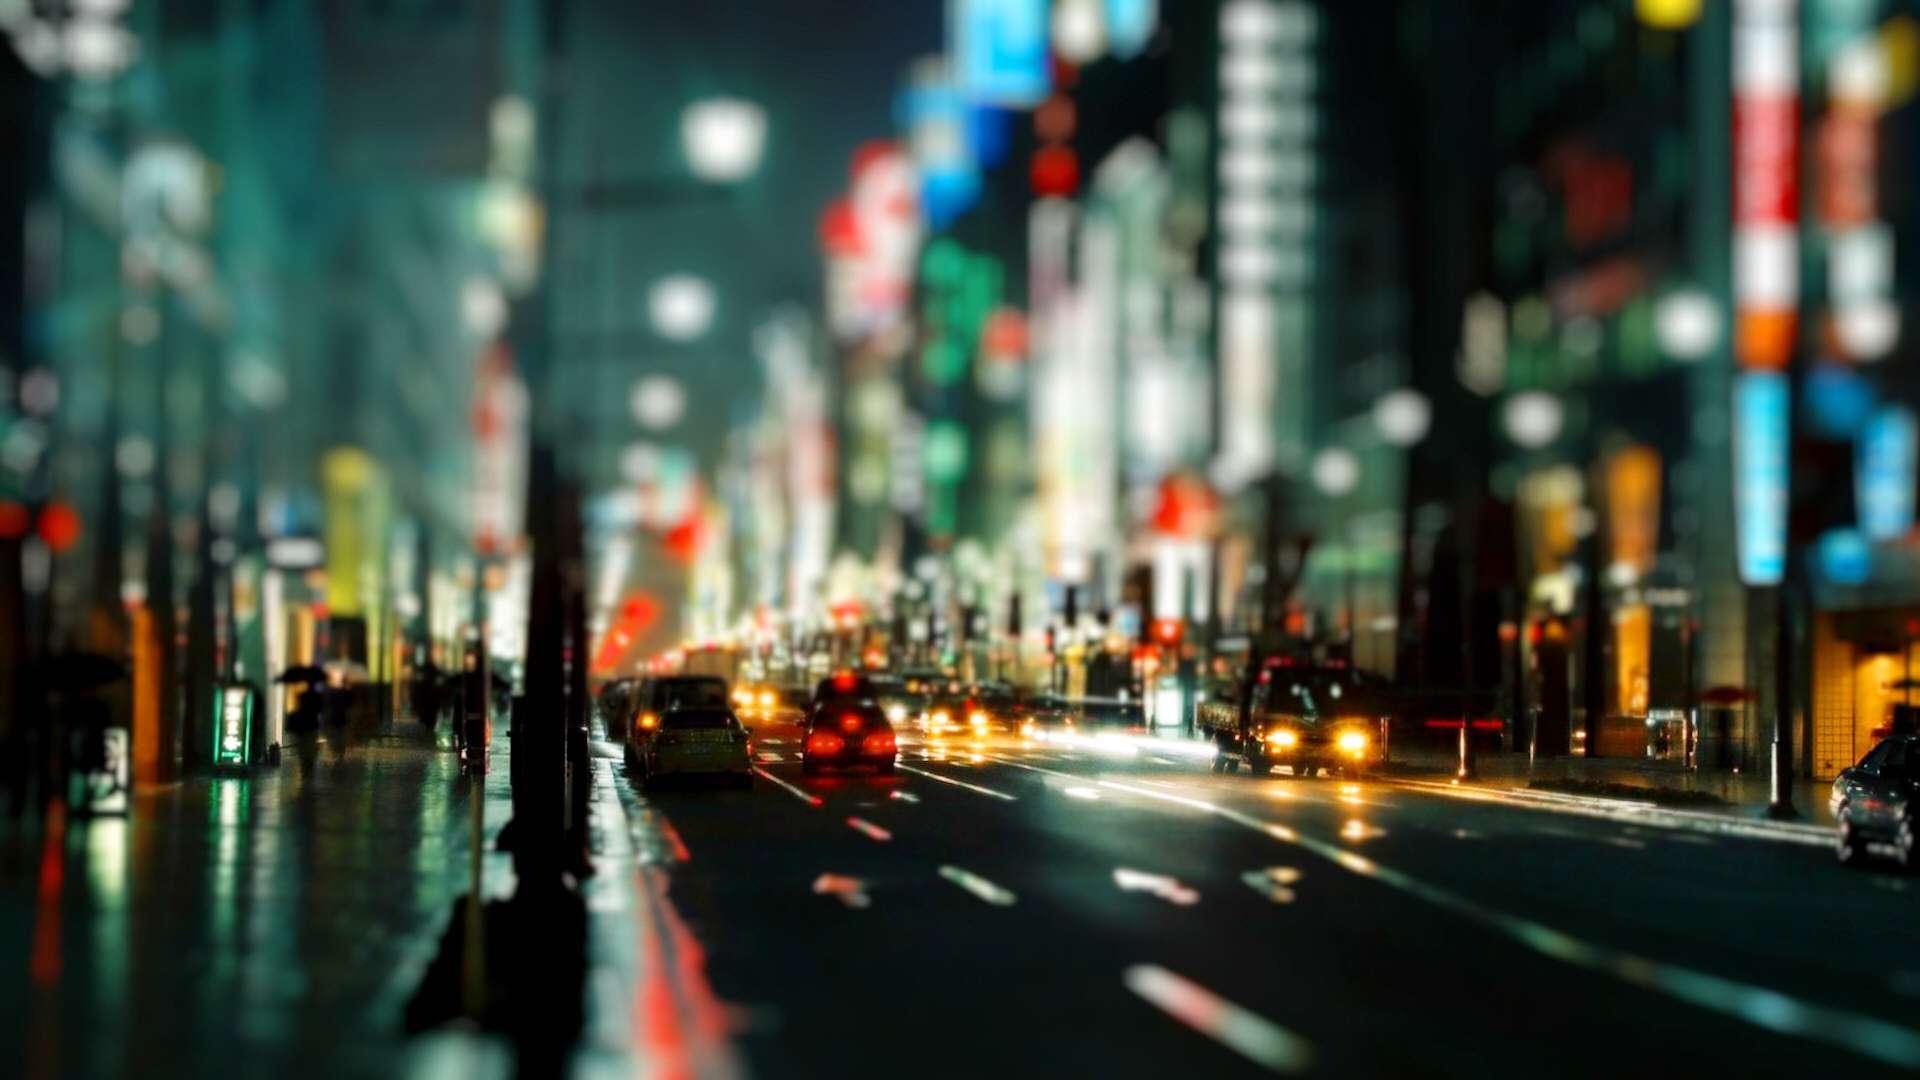 Tokyo At Night HD Wallpaper #20034) wallpaper - Wallatar.com